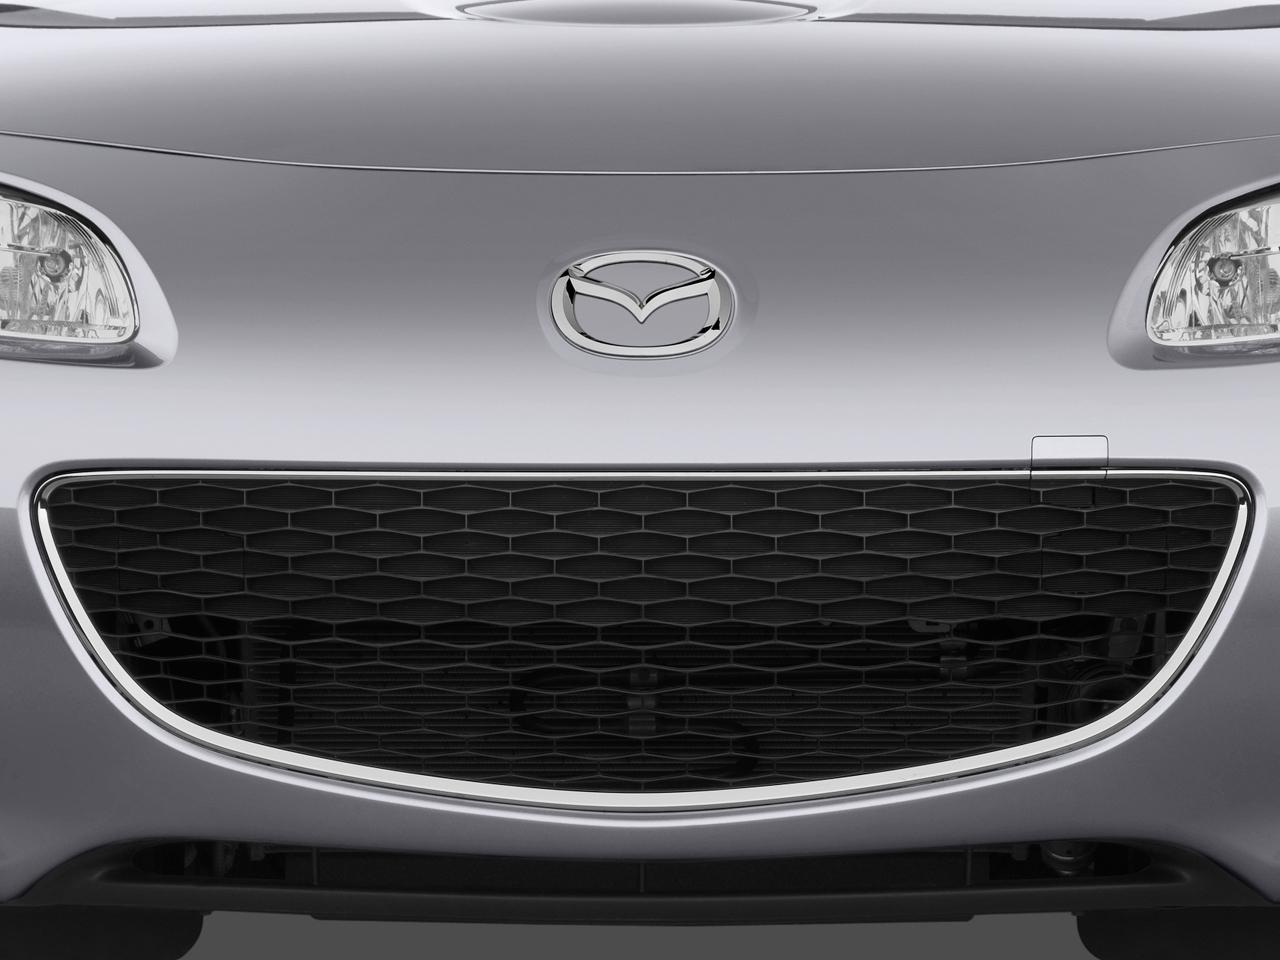 Rumor Mazda Miata Could Get Rotary In 2012